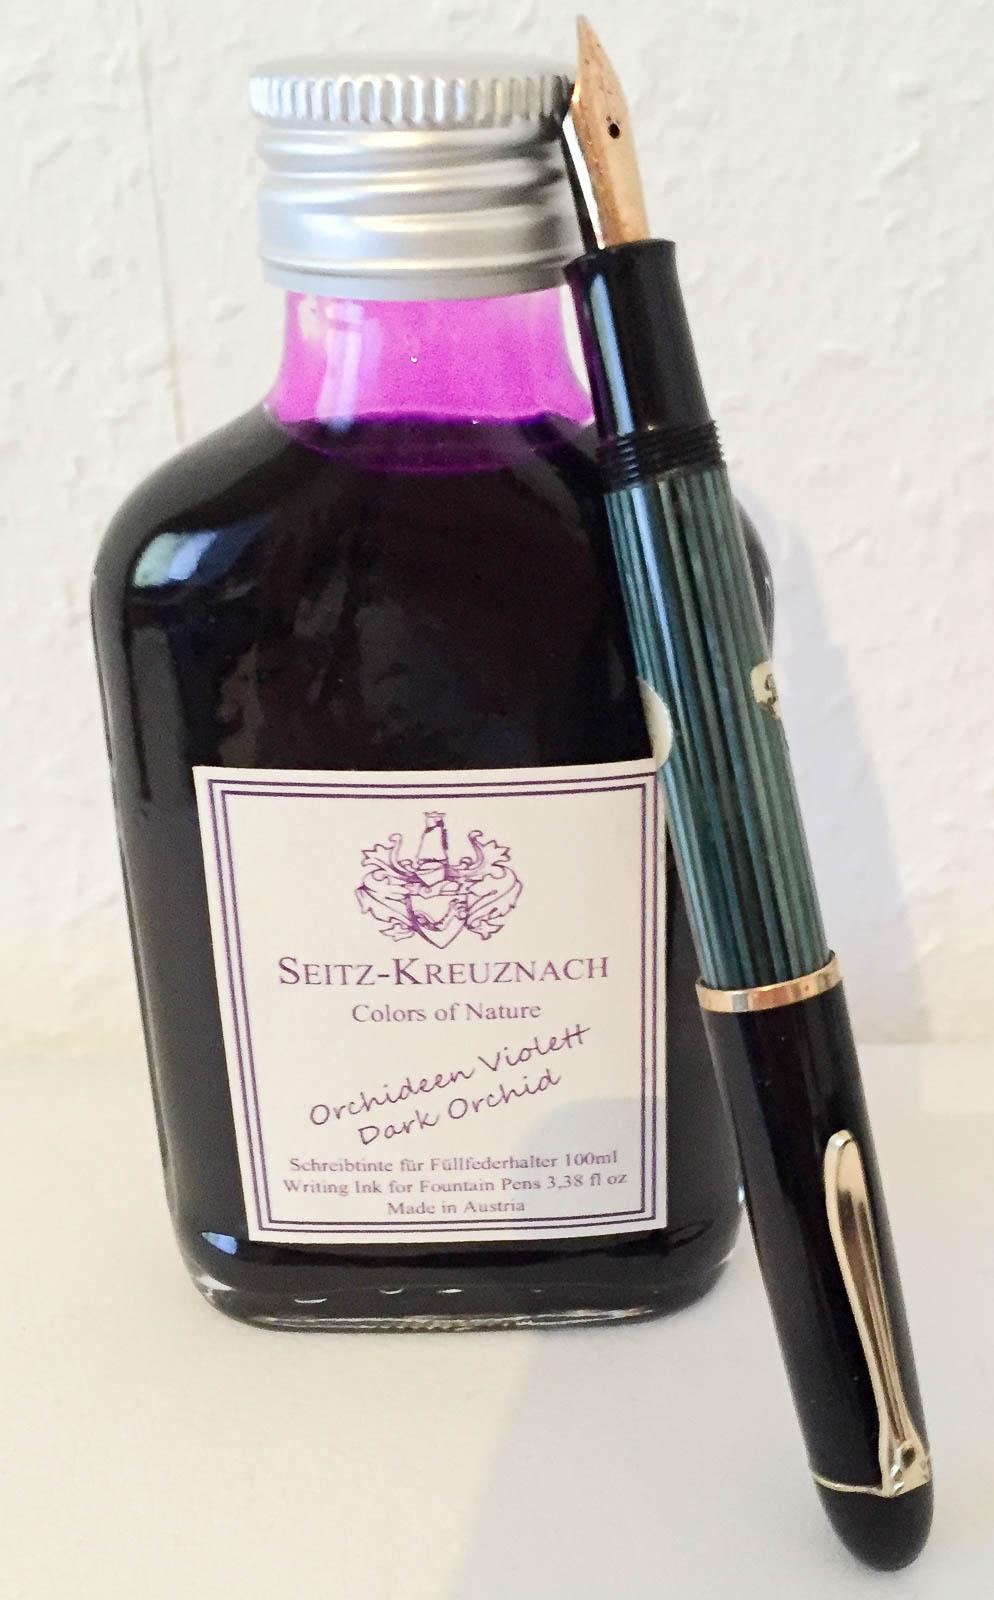 Guest Ink Review: Seitz-Kreuznach Orchideen Violett